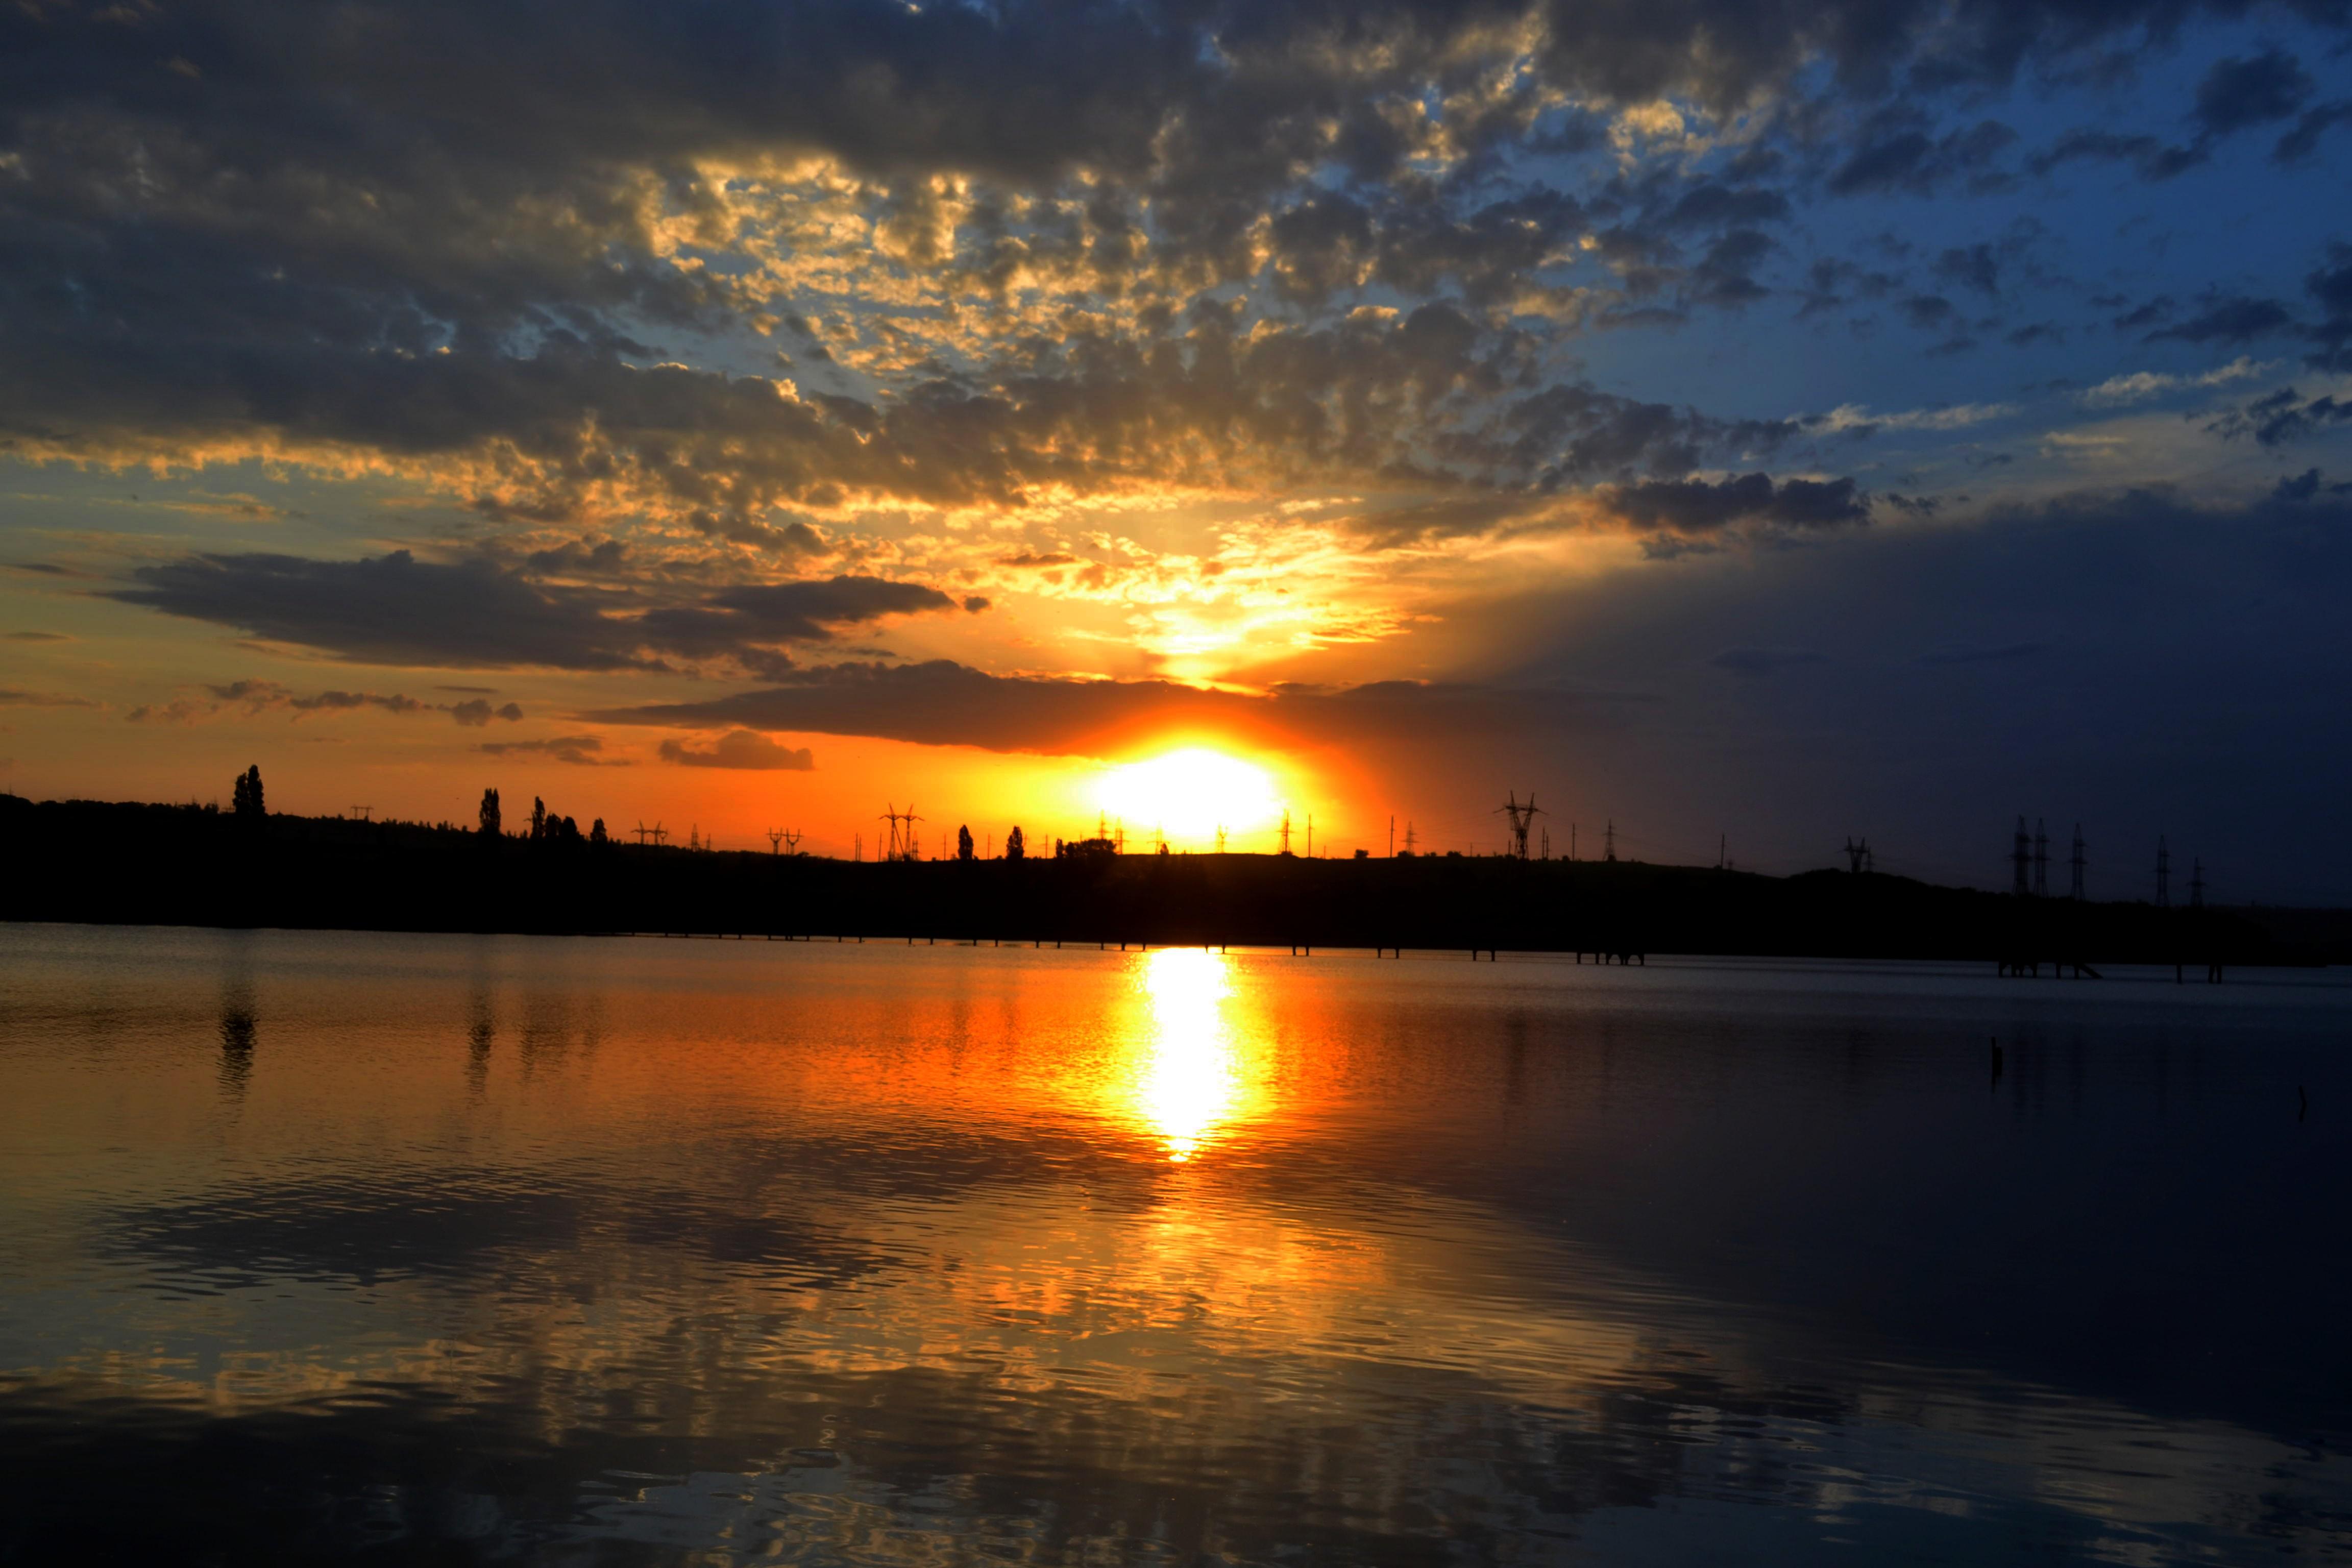 http://images.sevstar.net/images/47804472094429042519.jpg